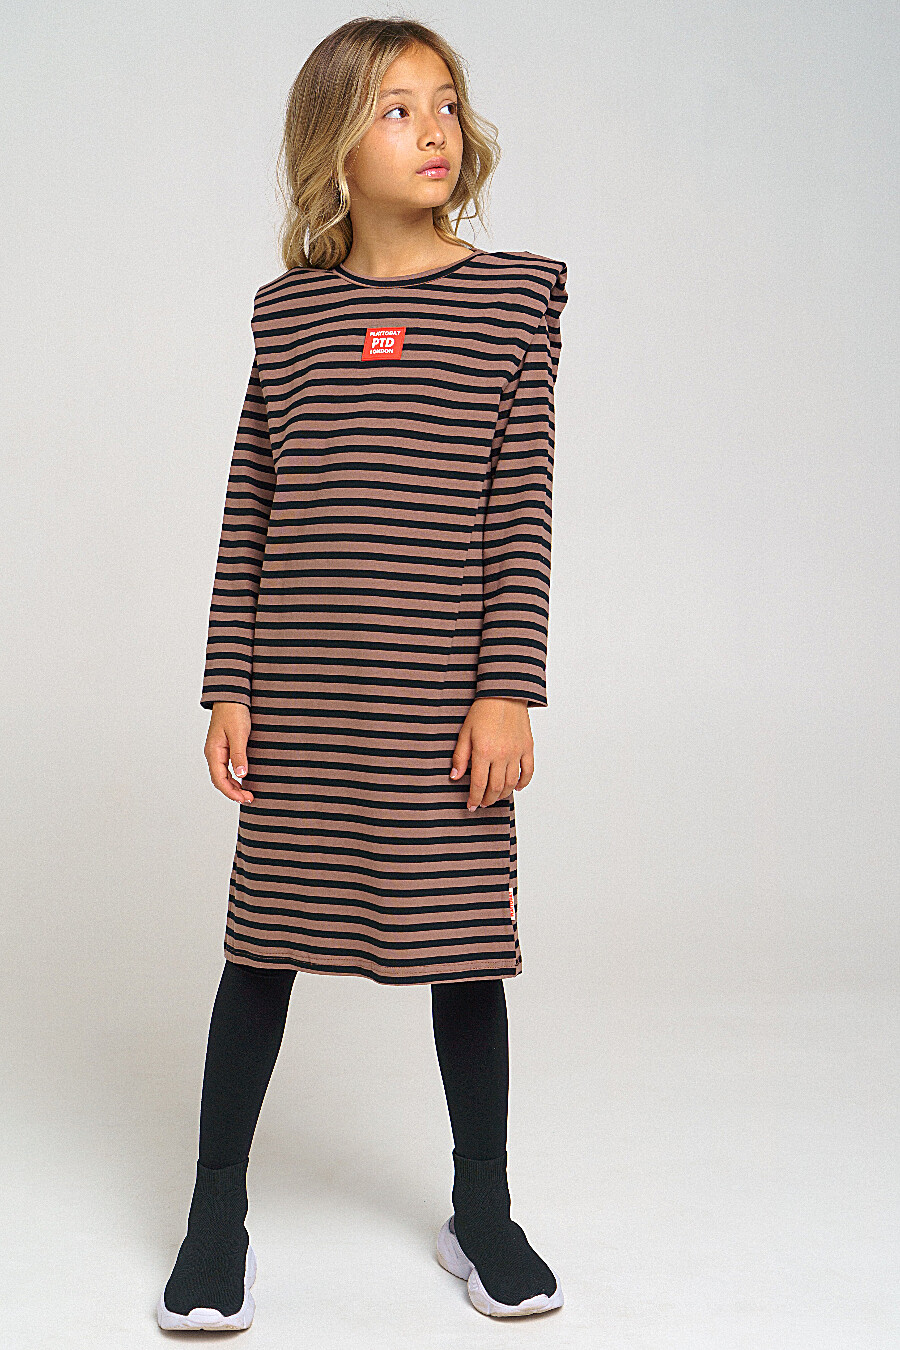 Платье PLAYTODAY (707690), купить в Moyo.moda